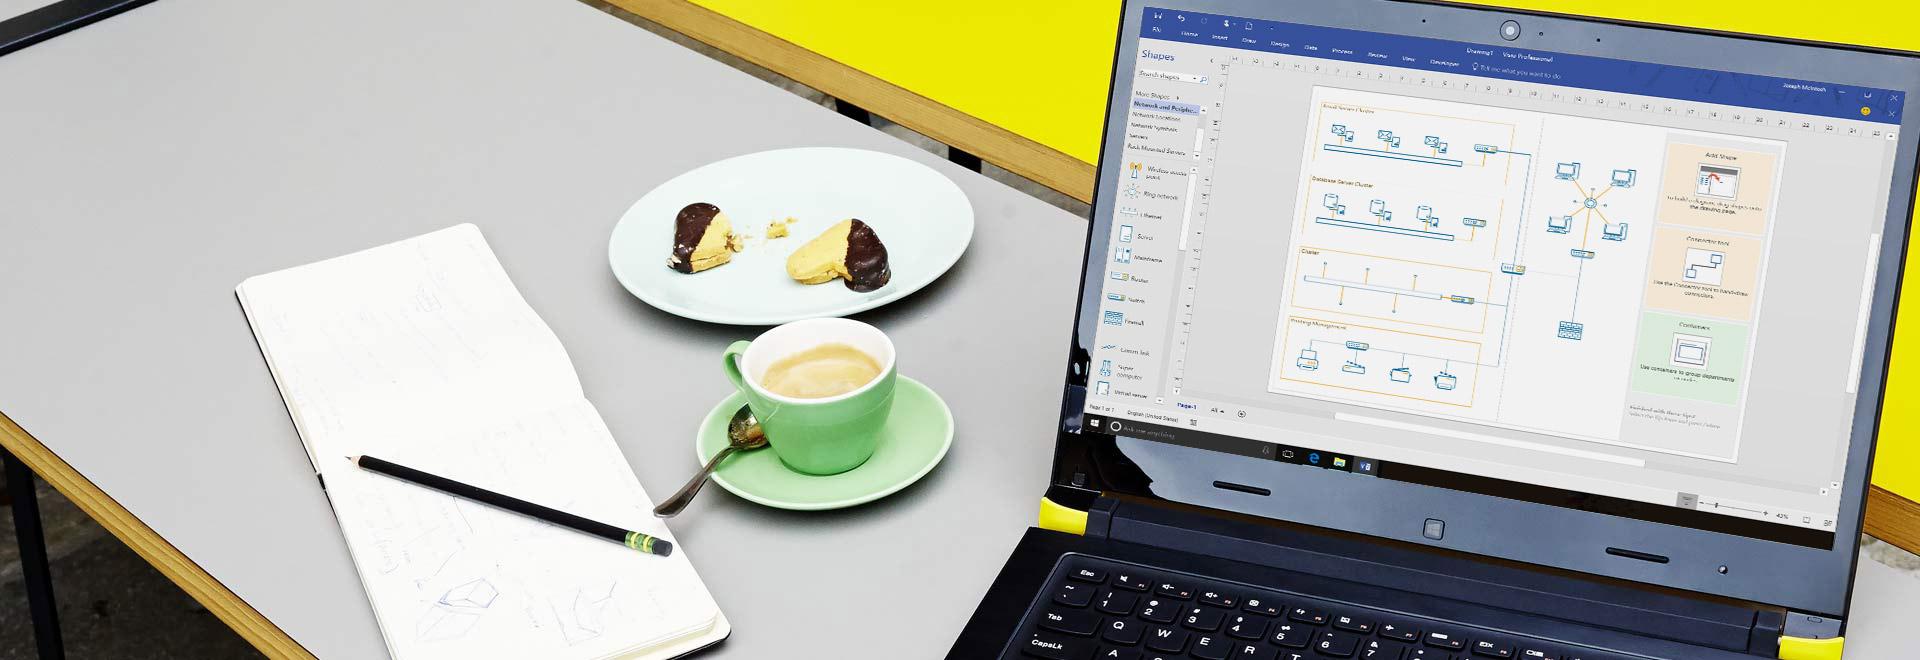 टेबल पर रखे लैपटॉप का क्लोज़-अप, संपादन रिबन और फलक के साथ Visio आरेख दिखाती हुई छवि